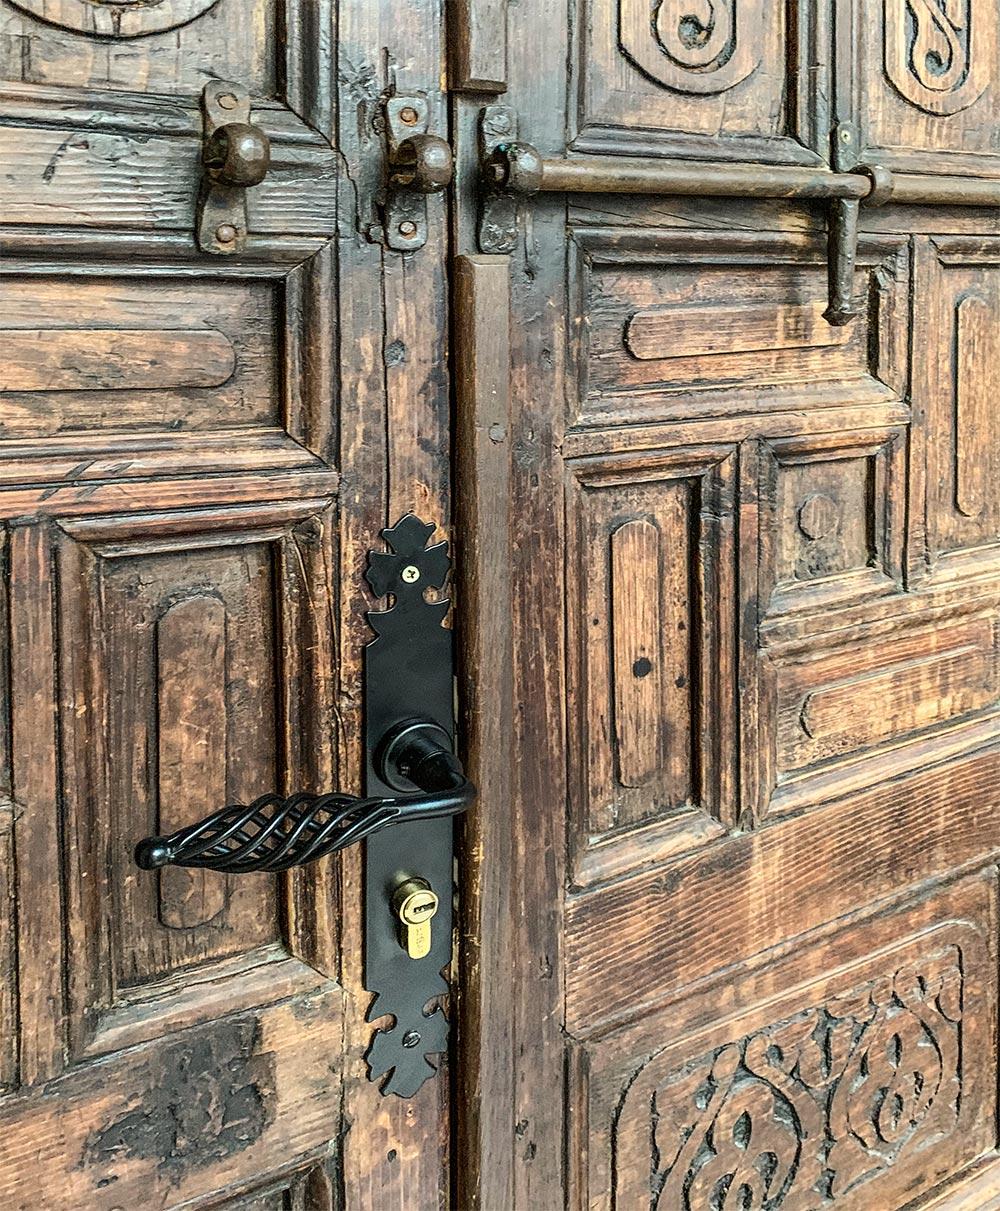 Holztür mit alten Beschlägen